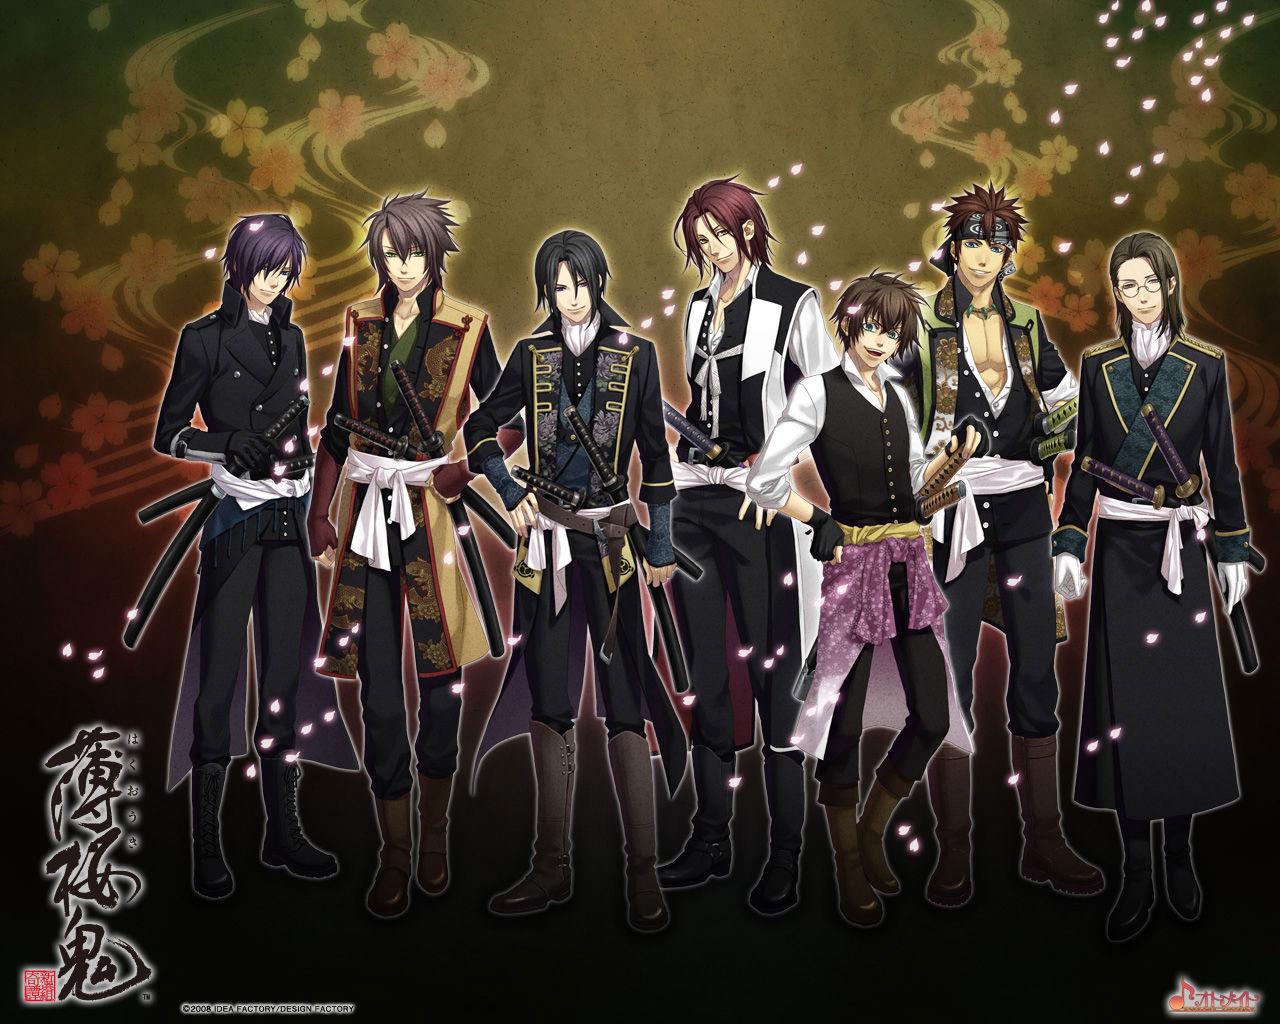 http://3.bp.blogspot.com/_jV241FFac4E/TTpHctcp66I/AAAAAAAAAvk/g7_IzRAPHwE/s1600/hakuouki_wallpaper_1280x1024.jpg